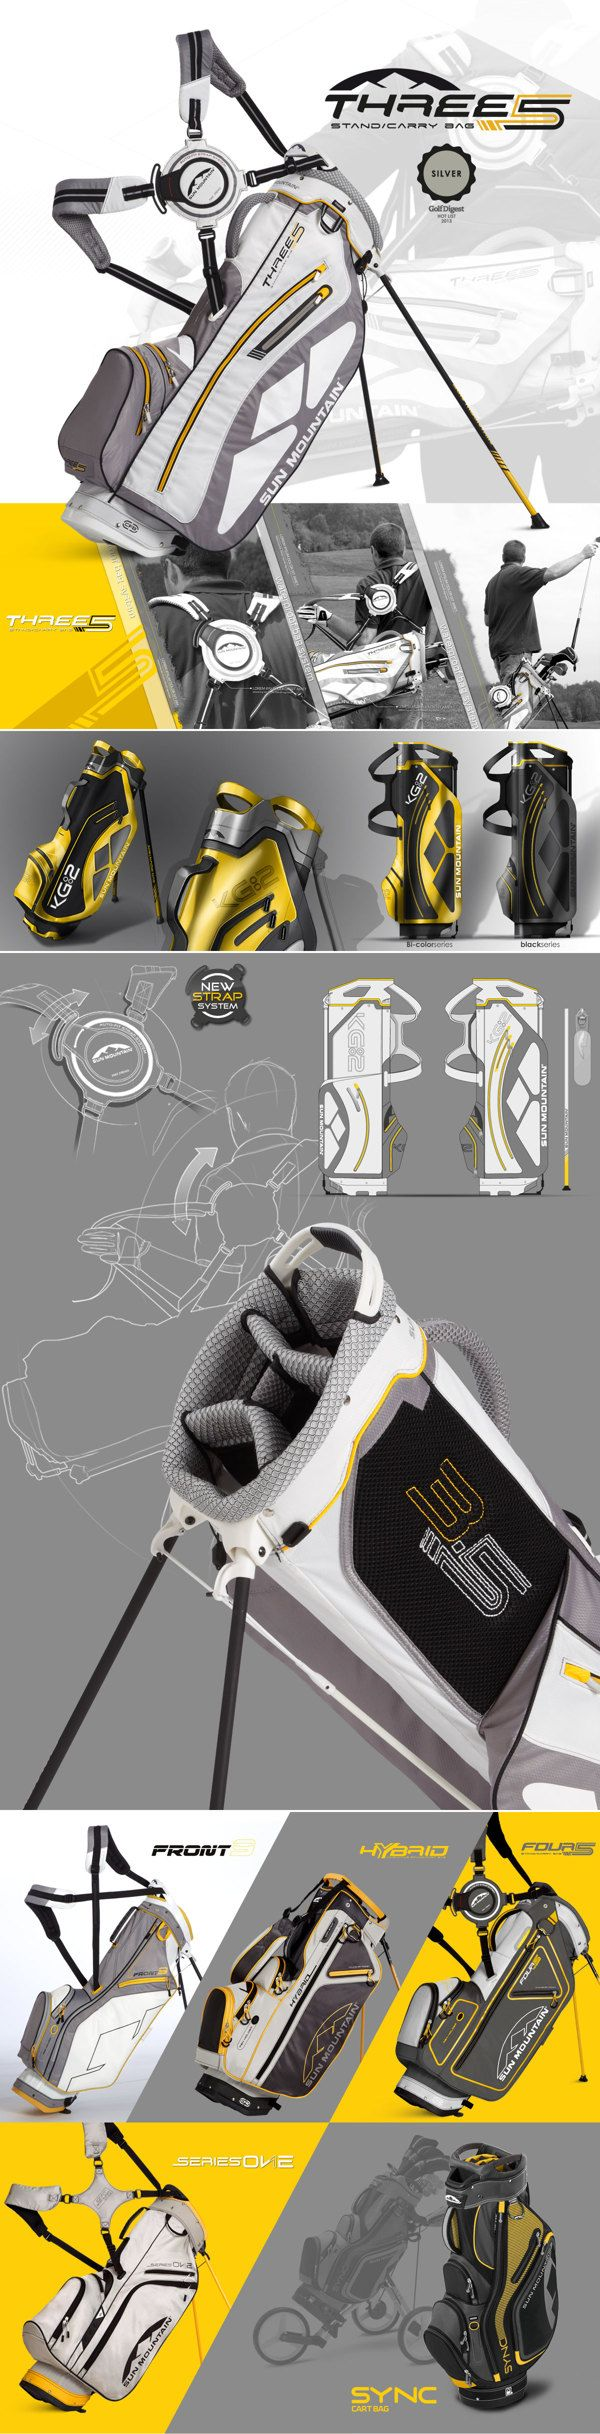 GOLF BAG by IOTA design, via Behance